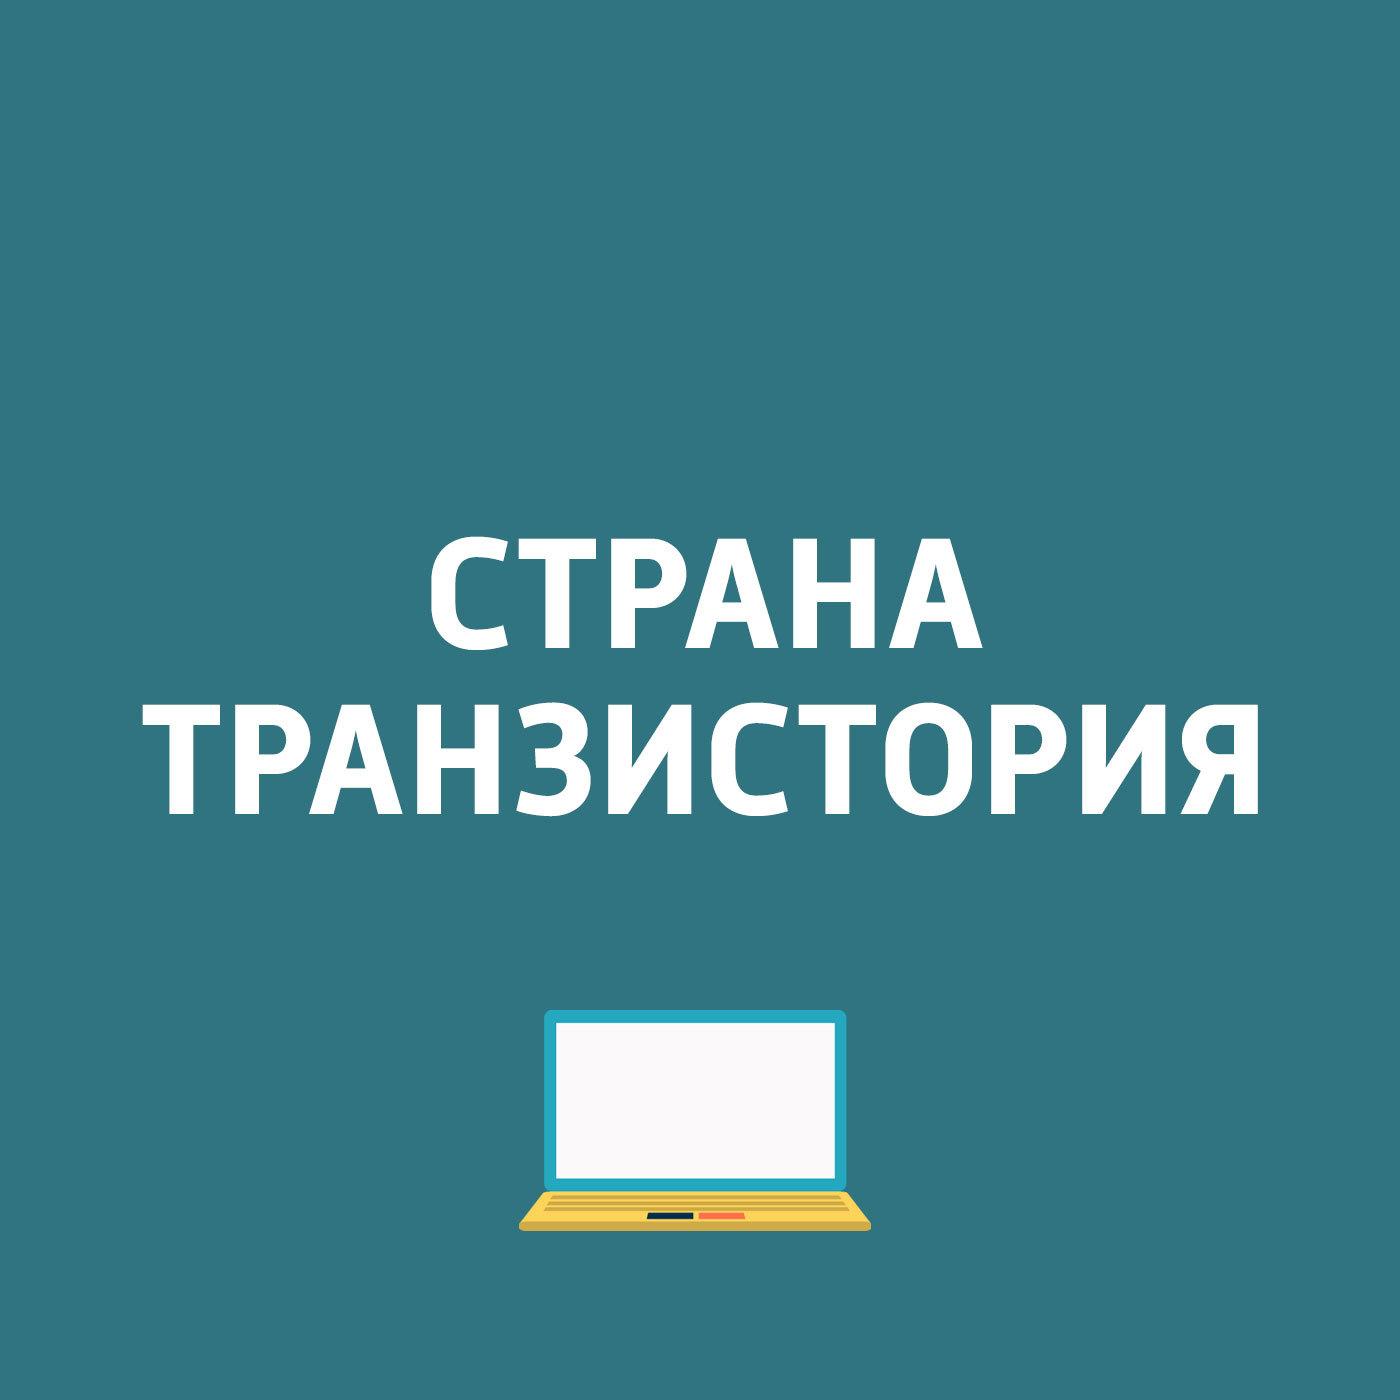 Картаев Павел Mail.Ru и Роскосмос запустили проект «Письма в космос» ручка кнопка мебельная